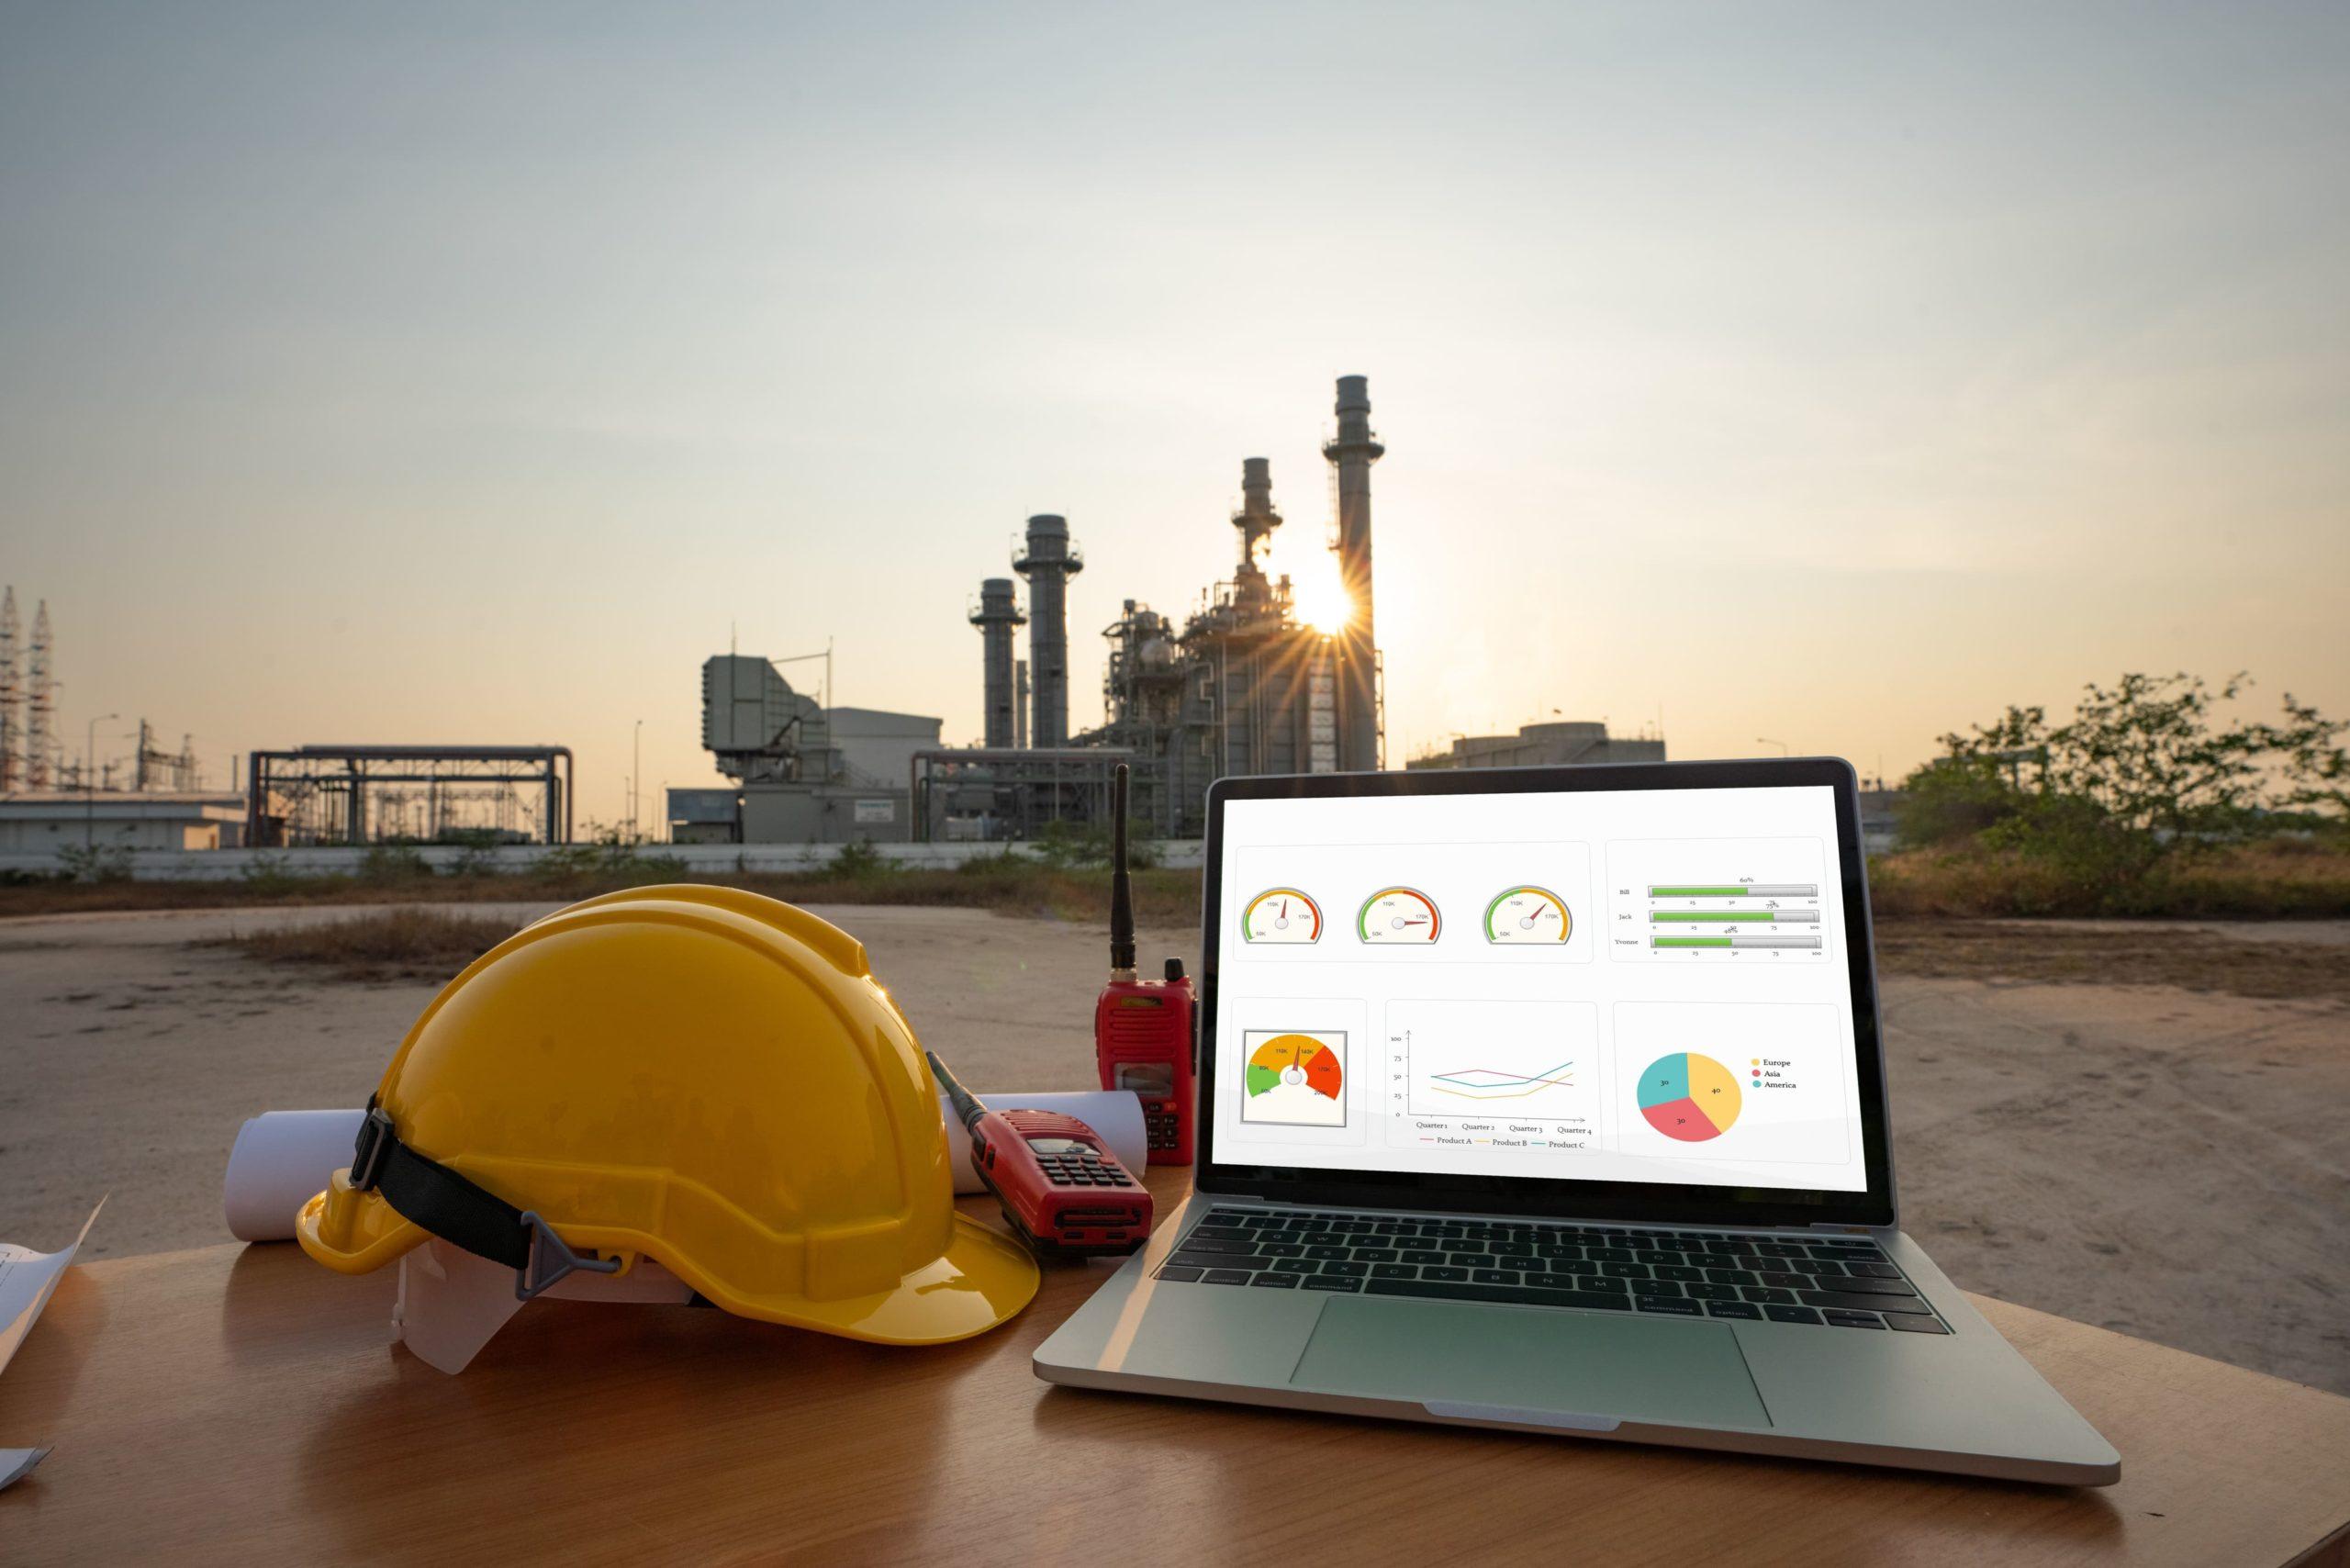 eficiencia energética industrial, sistemas de control